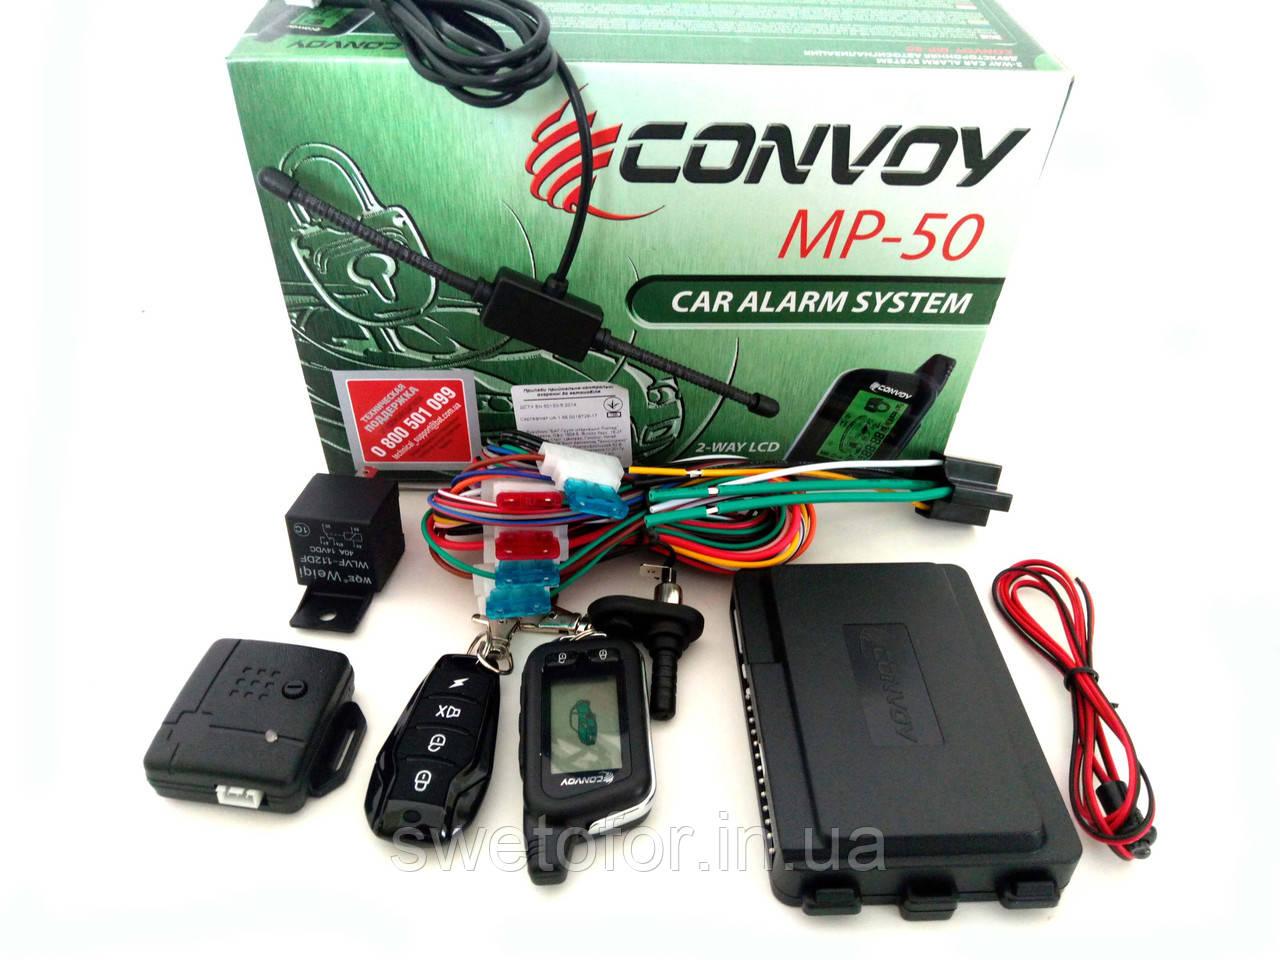 Двухсторонняя сигнализация Convoy MP-50 LCD